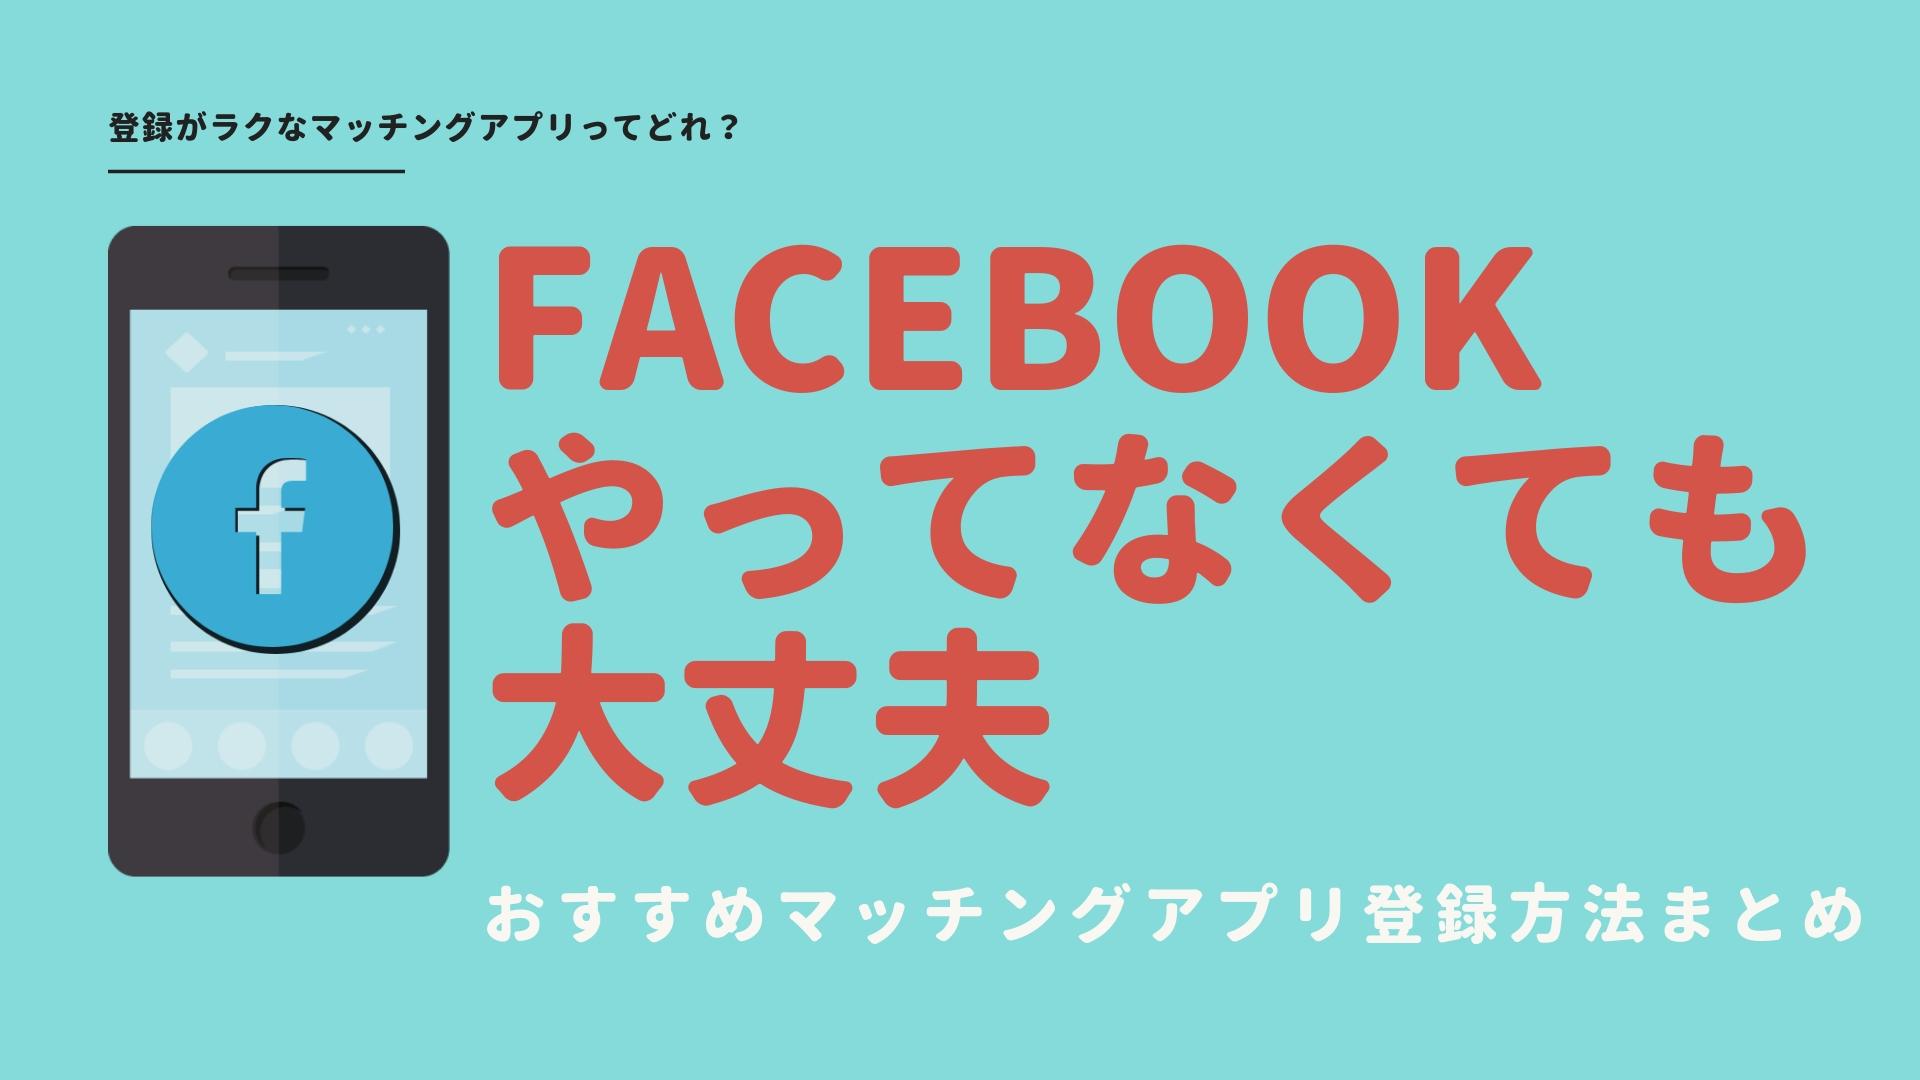 Facebookやってない マッチングアプリ